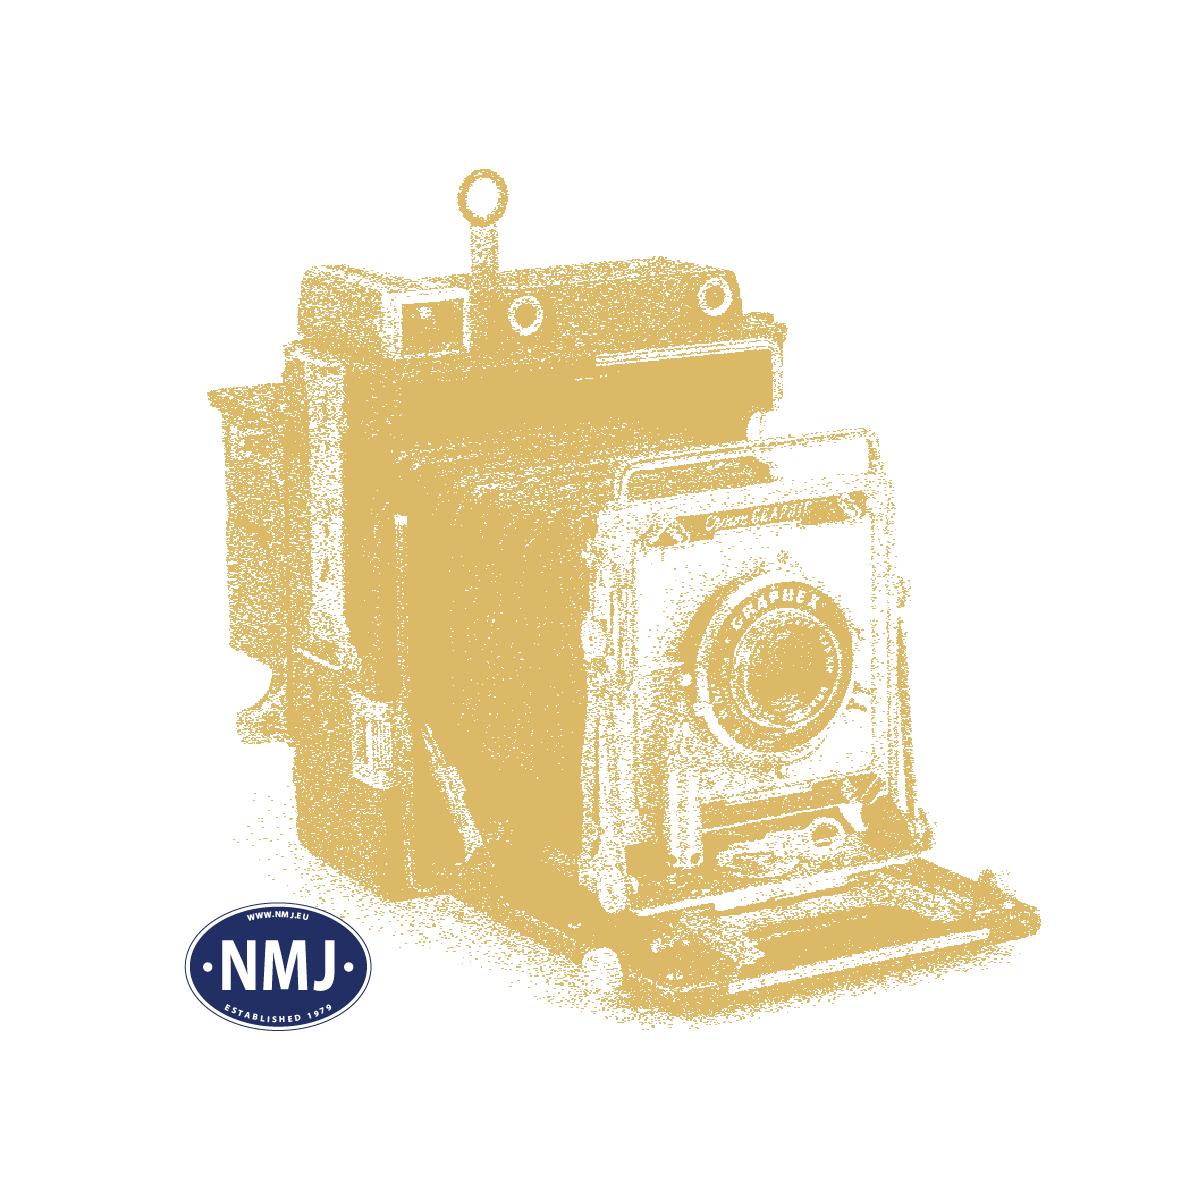 NMJT507.102-1 - NMJ Topline CargoNet Lgns 42 76 443 2053-8, DHL